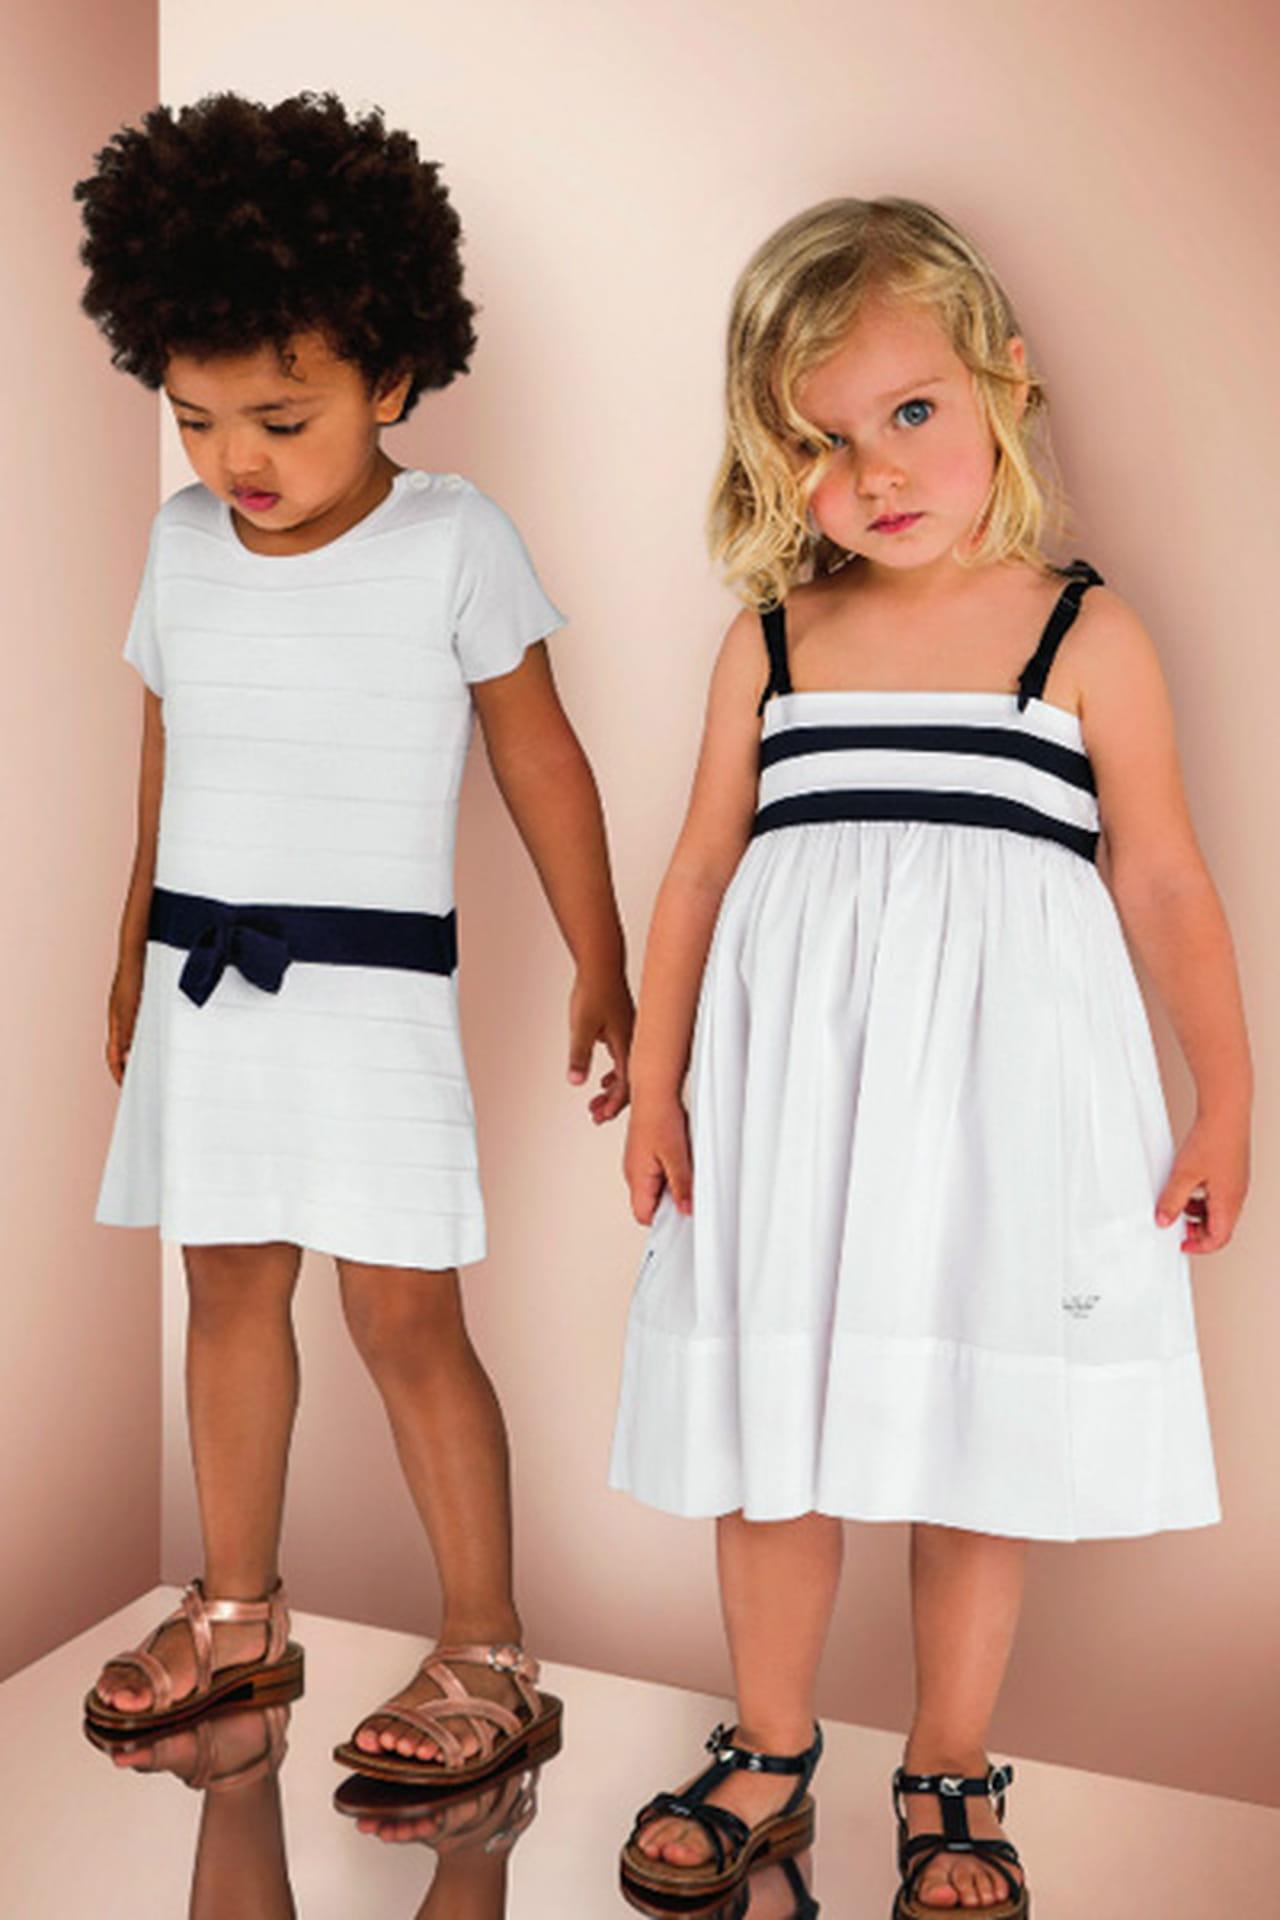 5b09fa8f9f351 ملابس اطفال من Armani Junior لموسم ربيع وصيف 2013